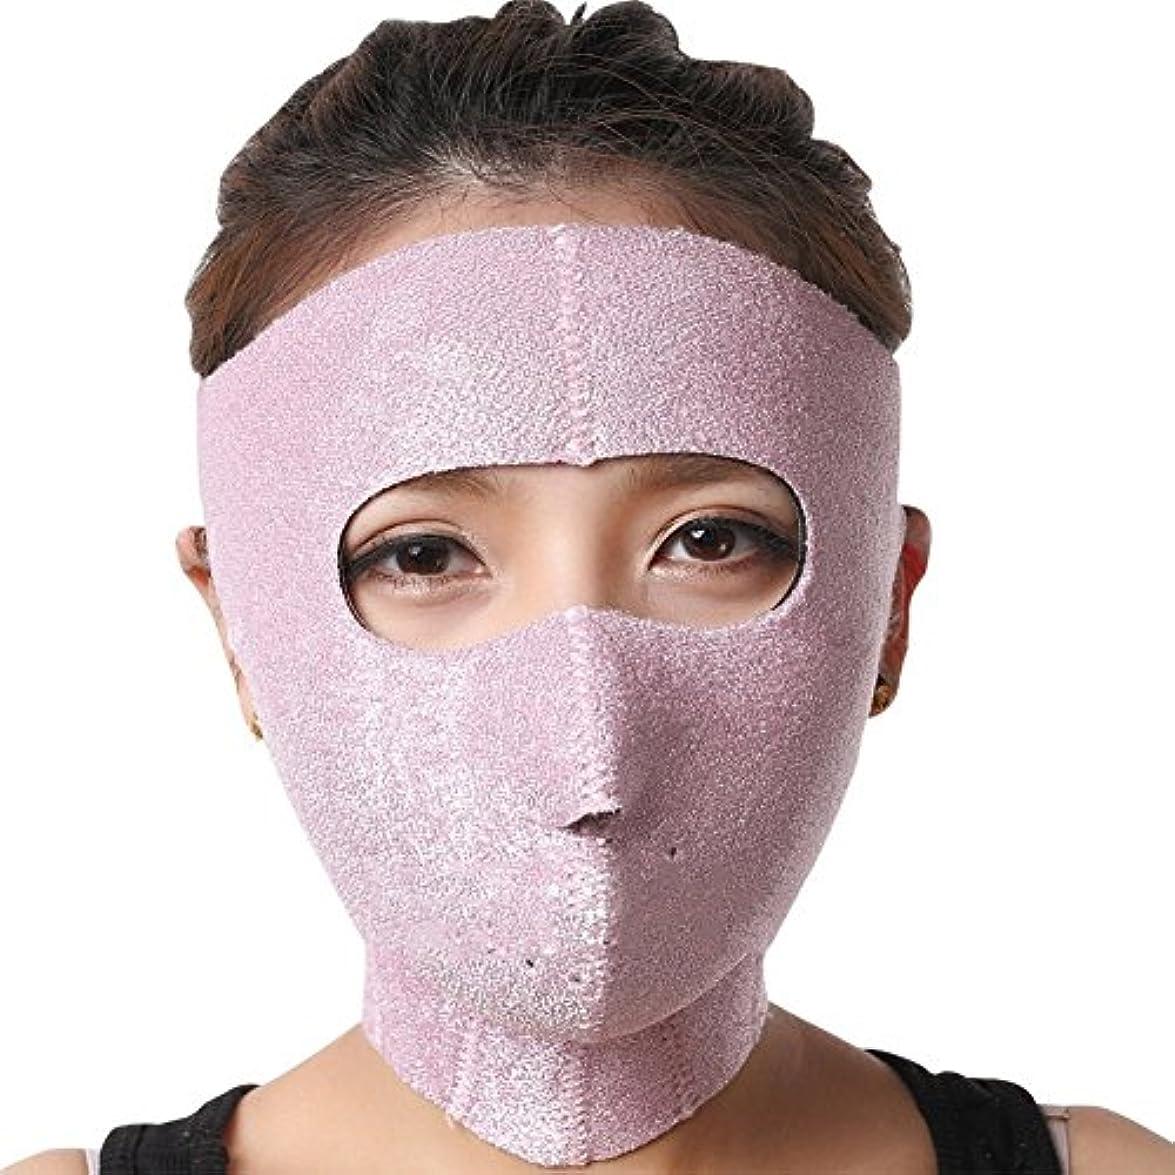 周辺エコー未払い汗だくマスク 小顔 サウナ マスク 汗 発汗 フェイス 顔 TEC-KONARUD